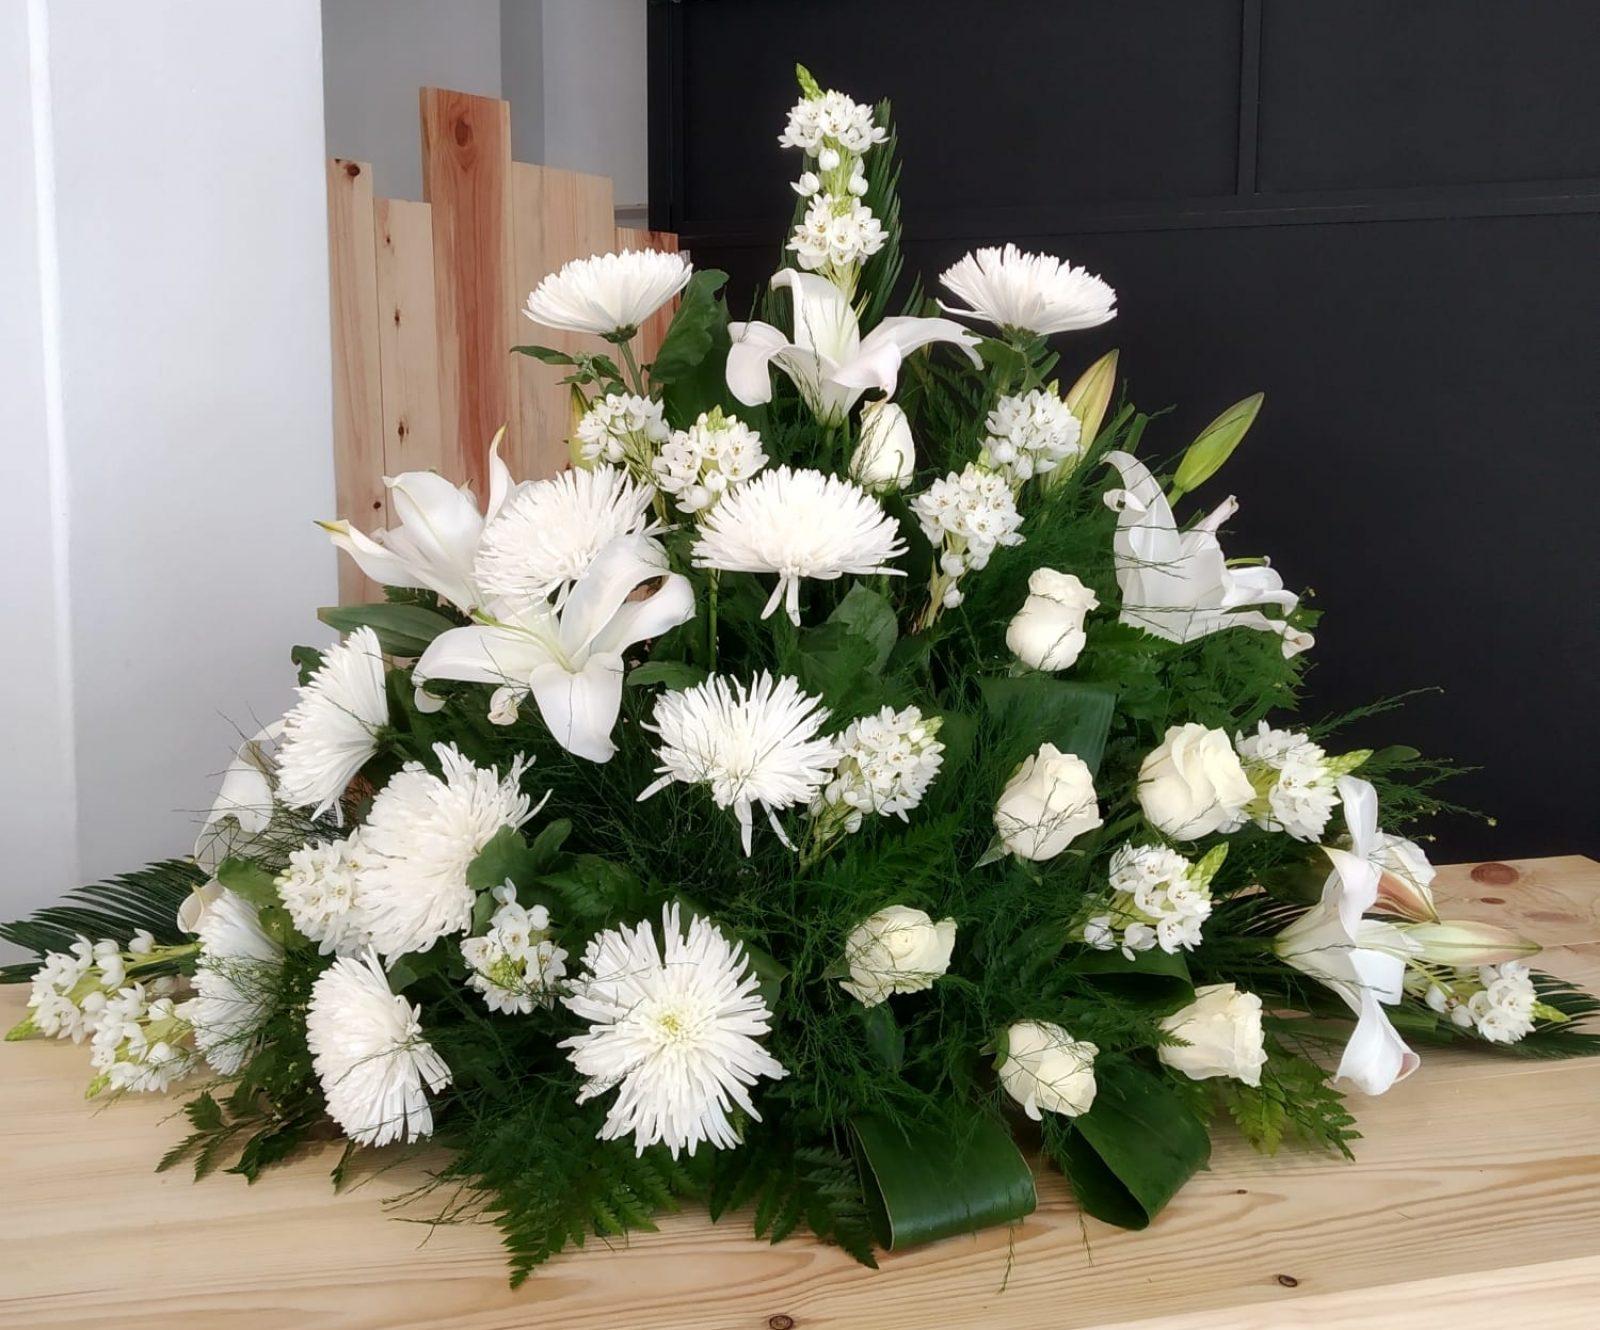 Centro en tono blanco con lilium, ornithogalum, uniflor y rosas.